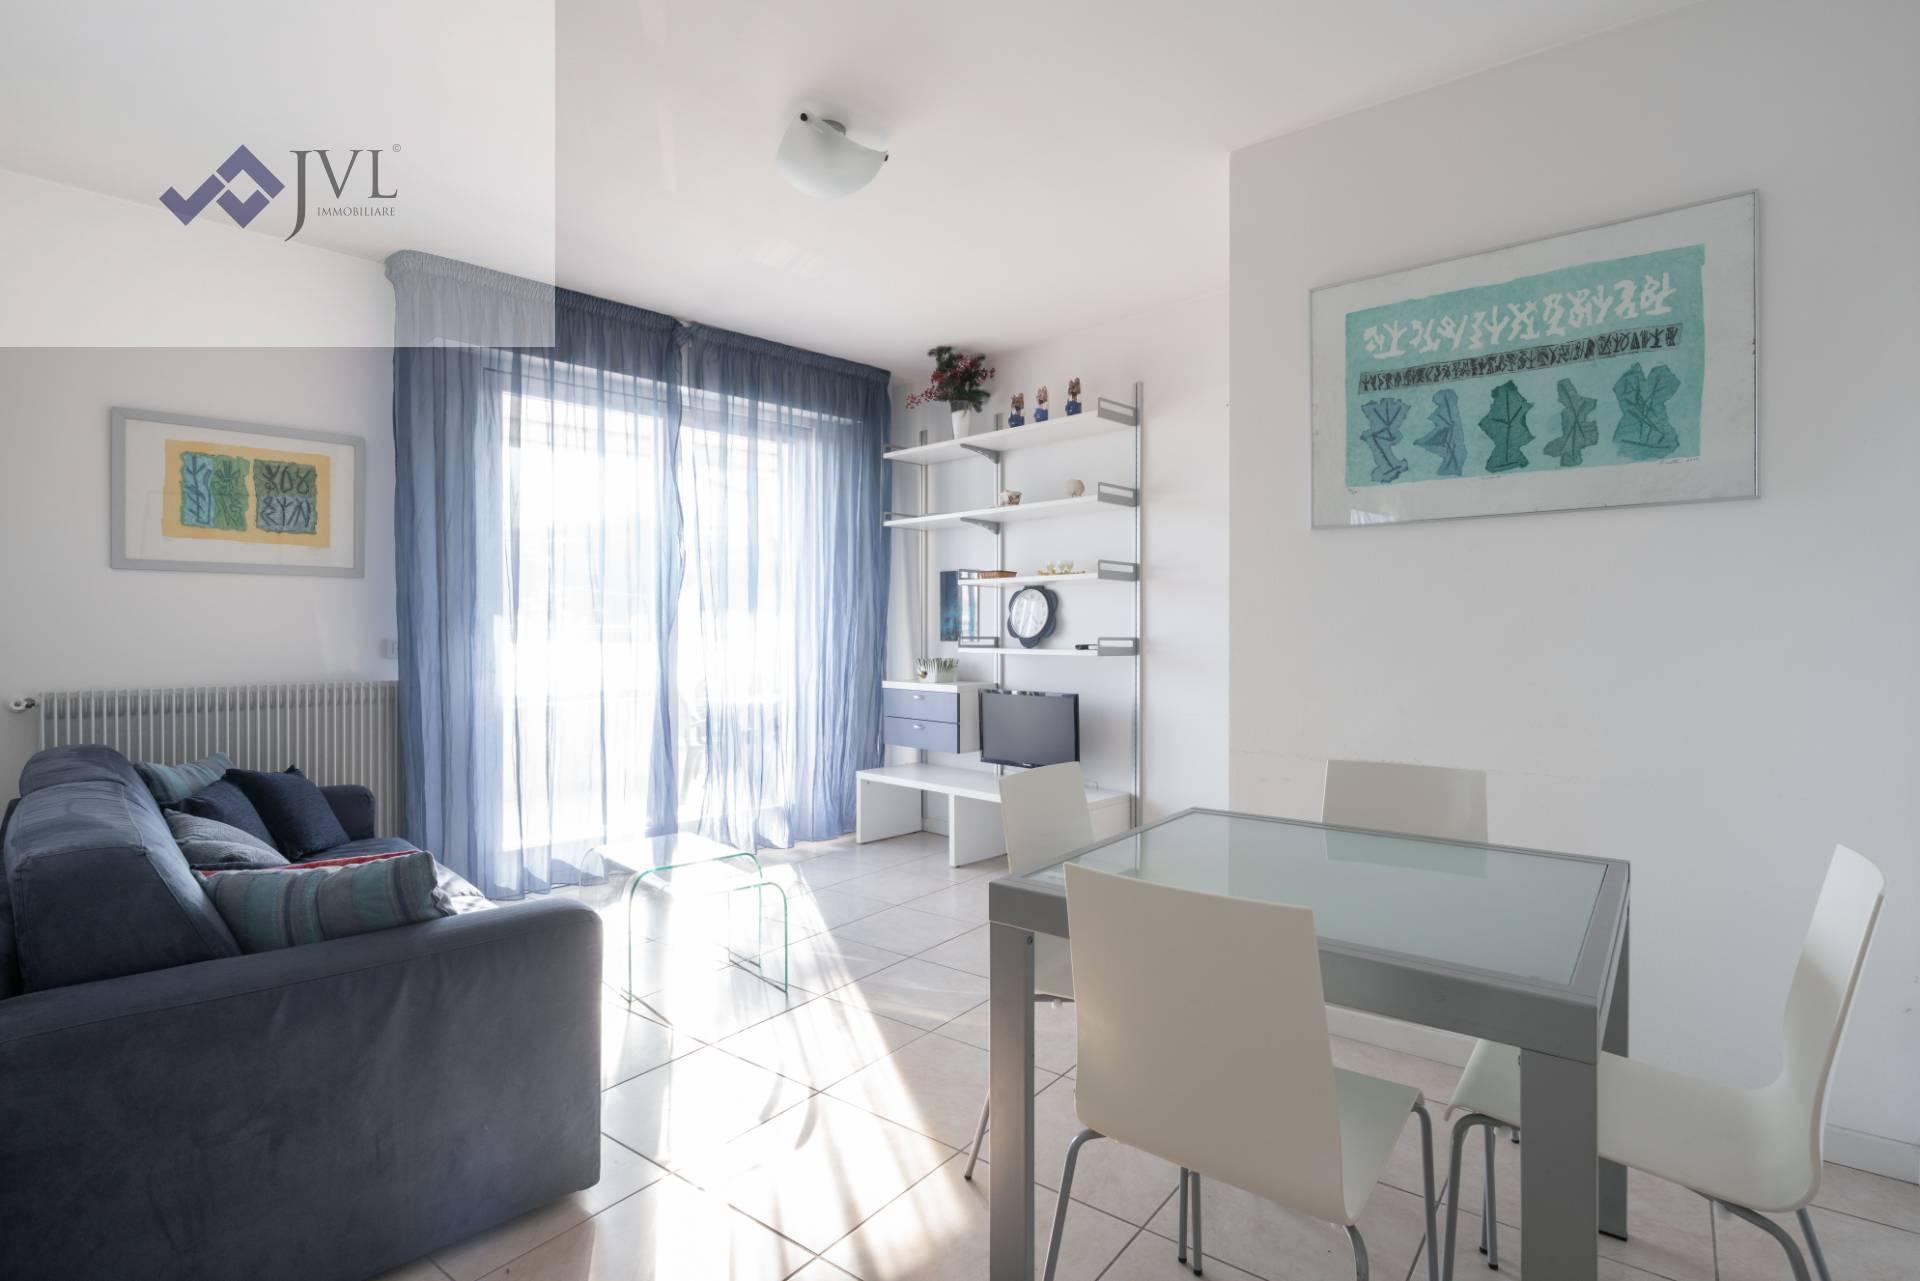 Appartamento in affitto a Jesolo, 4 locali, zona Località: LidodiJesolo, Trattative riservate | CambioCasa.it